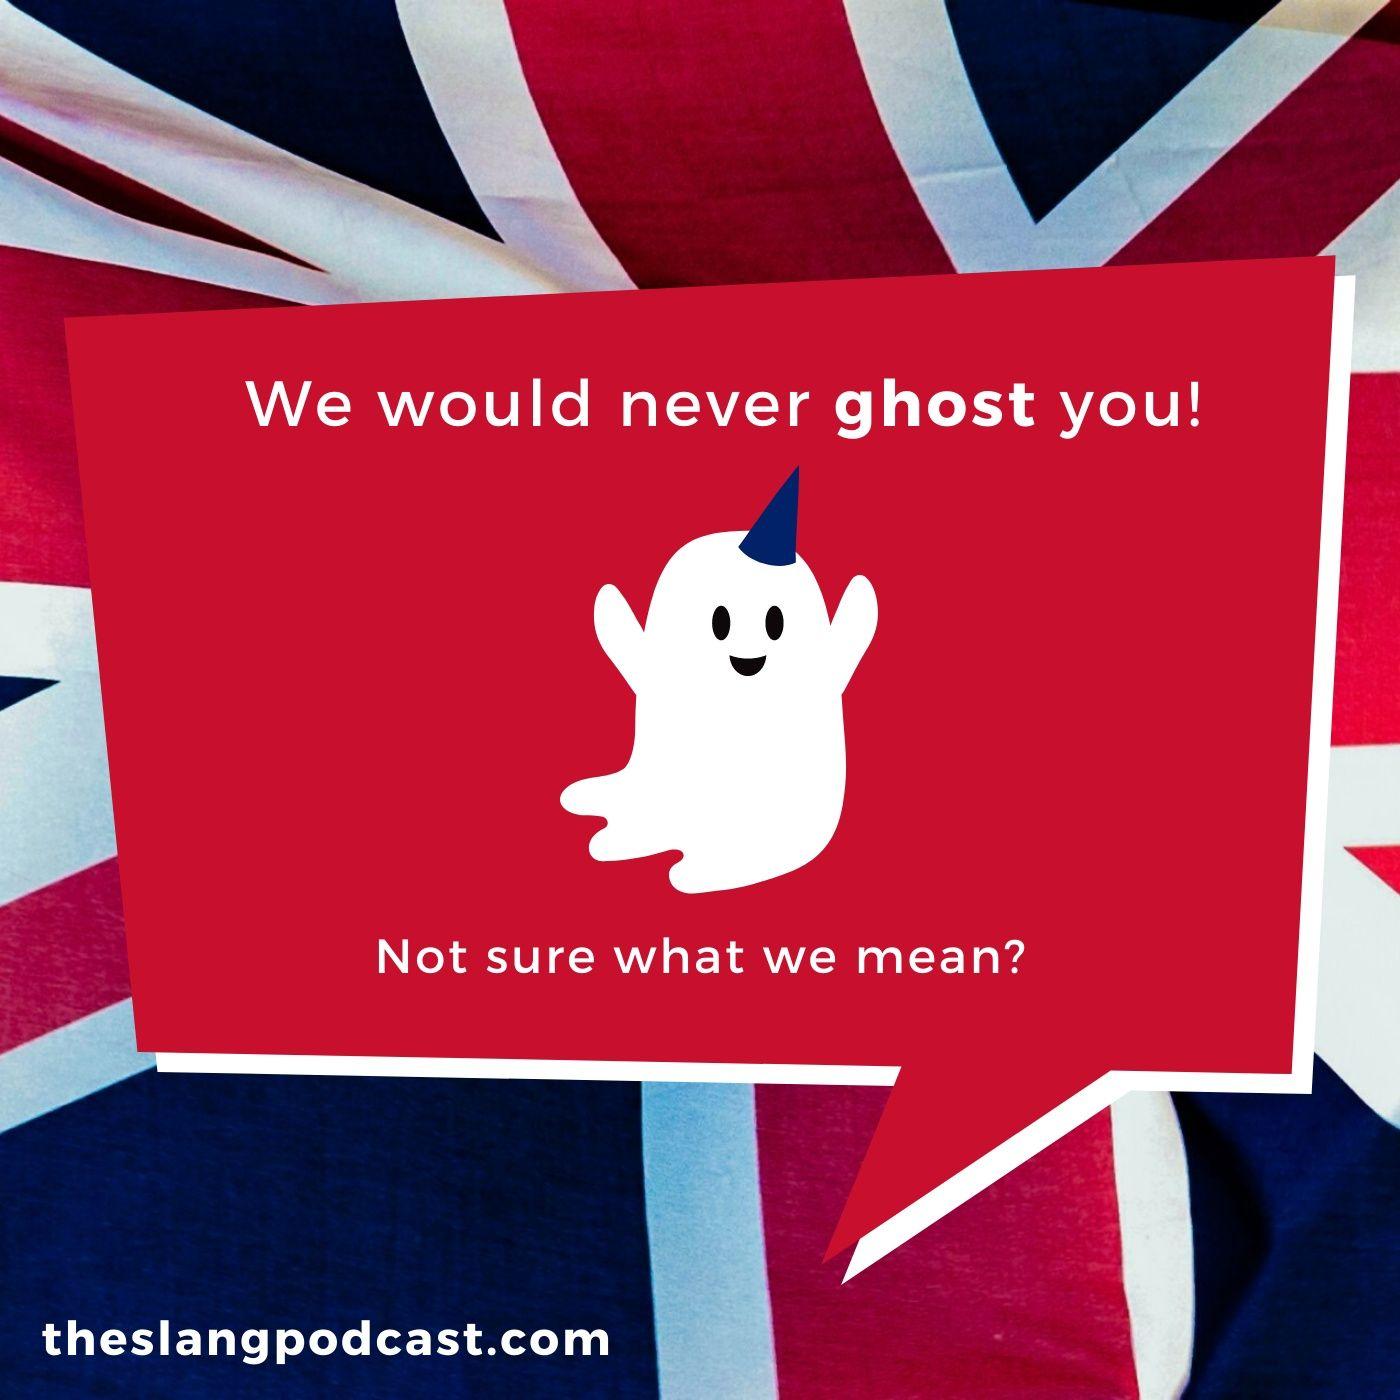 """Ghosting - What does """"Ghosting"""" mean in British slang?"""